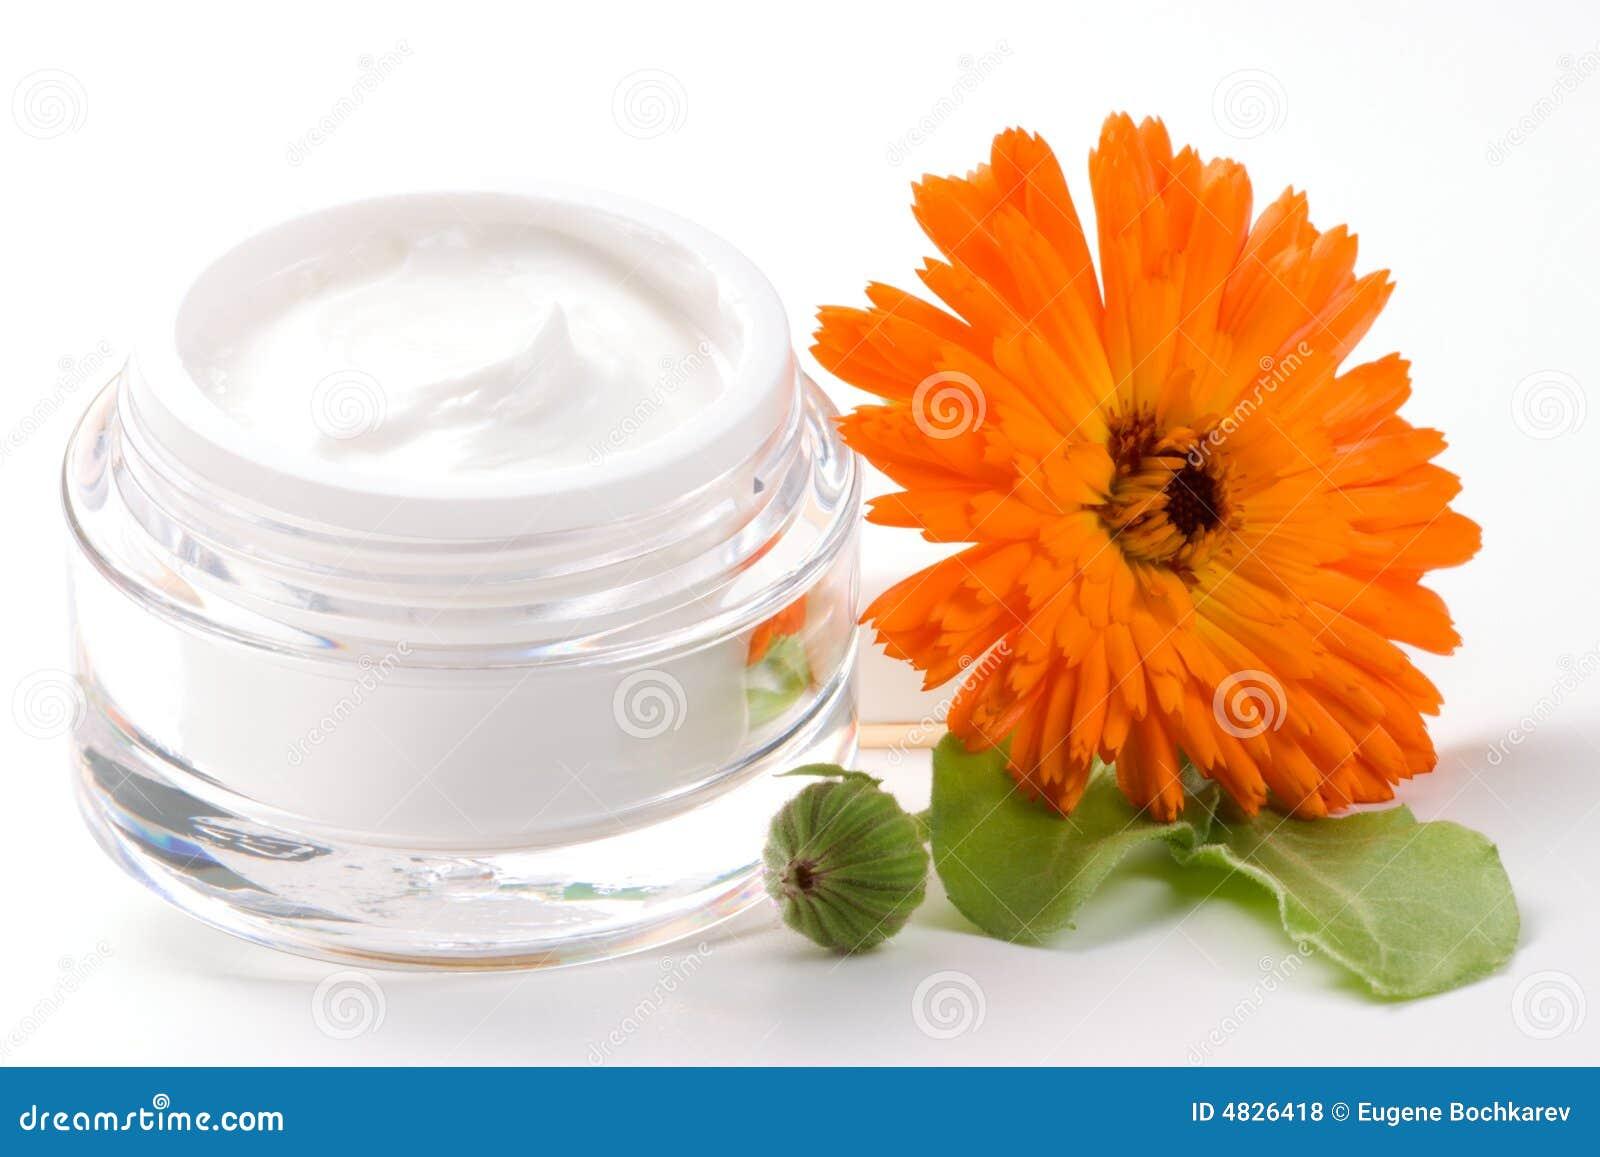 金盏草奶油色表面花